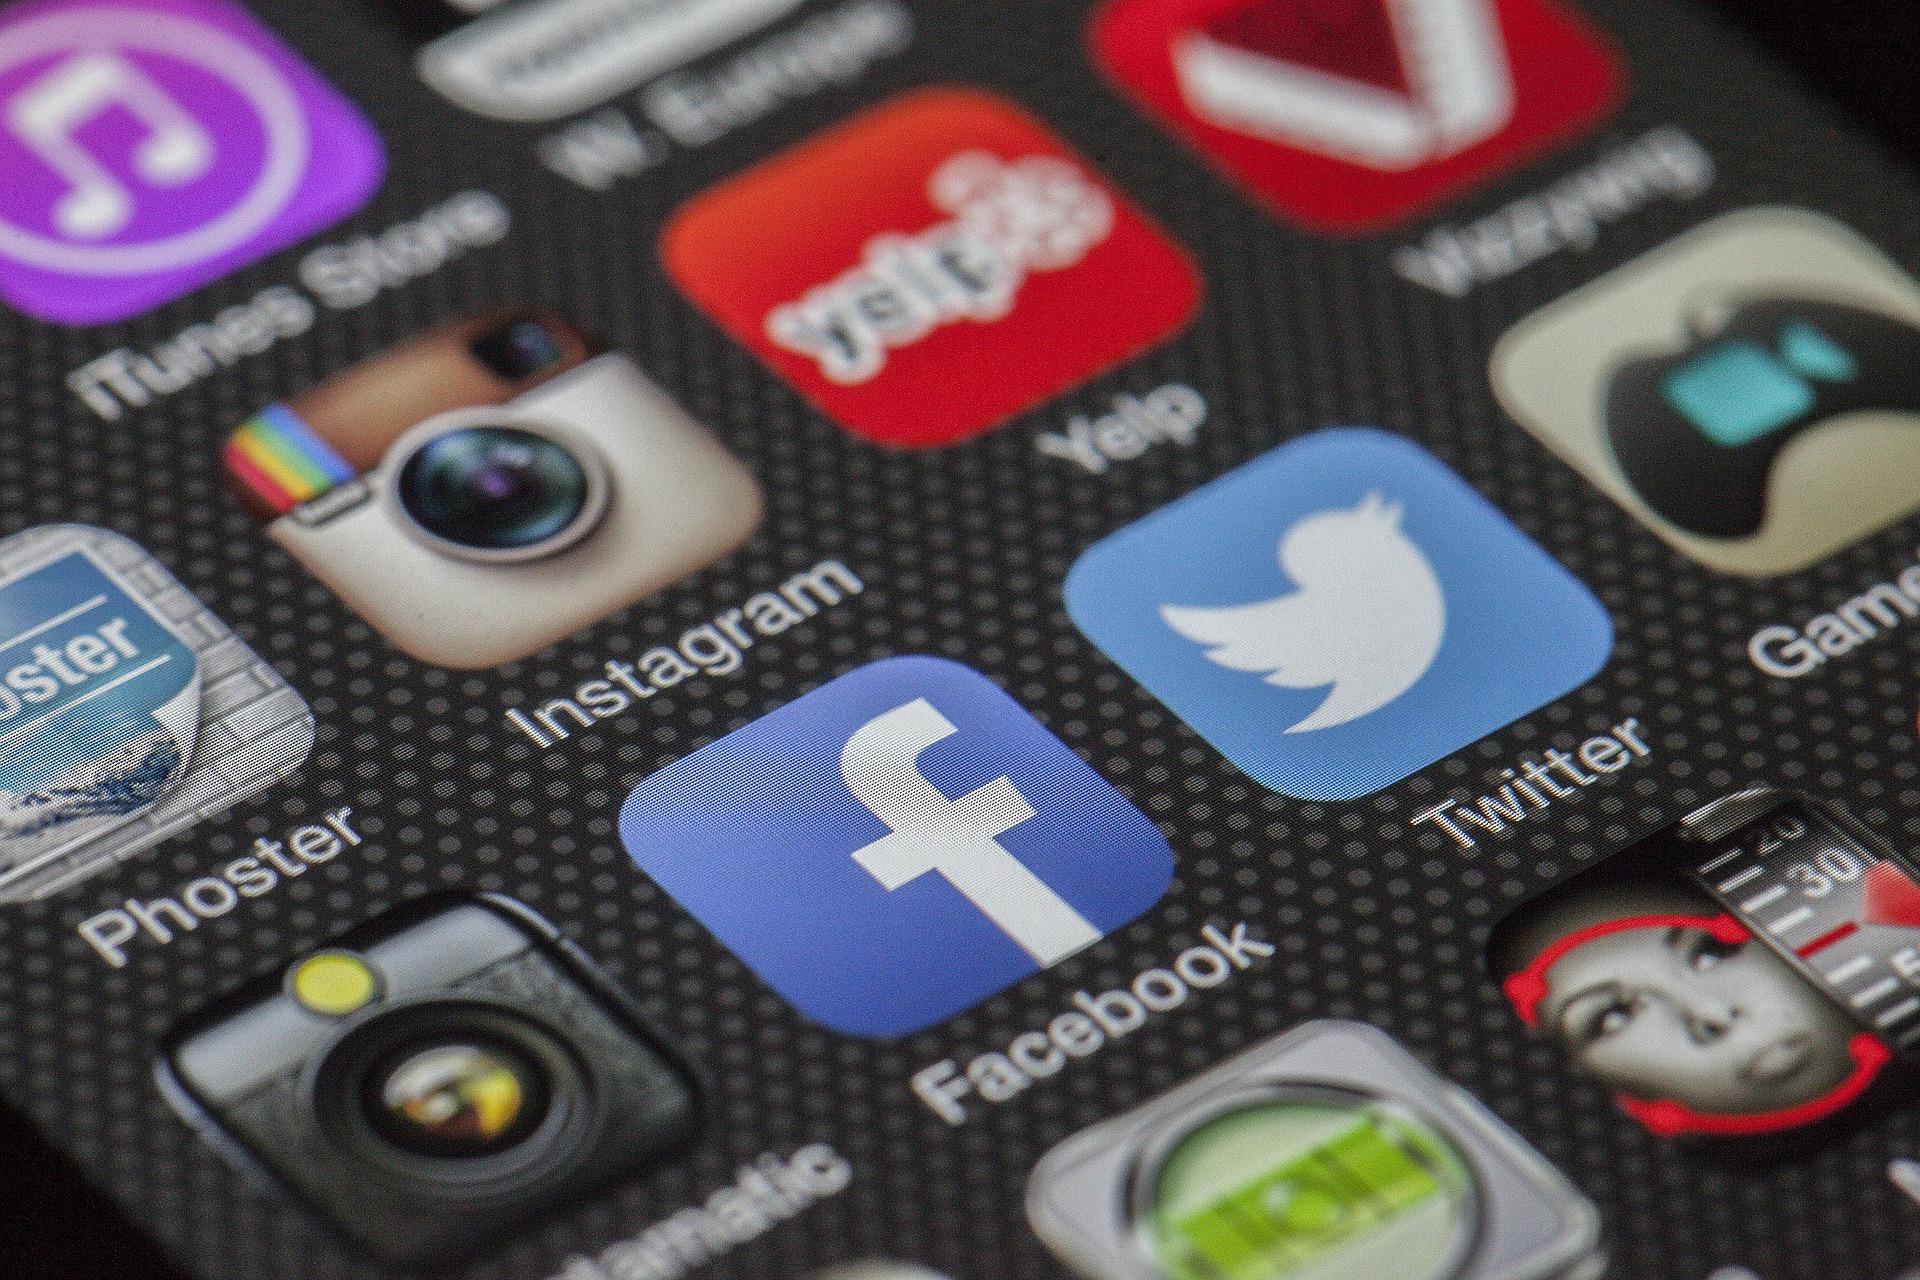 ¡Comparte con beruby en redes sociales!